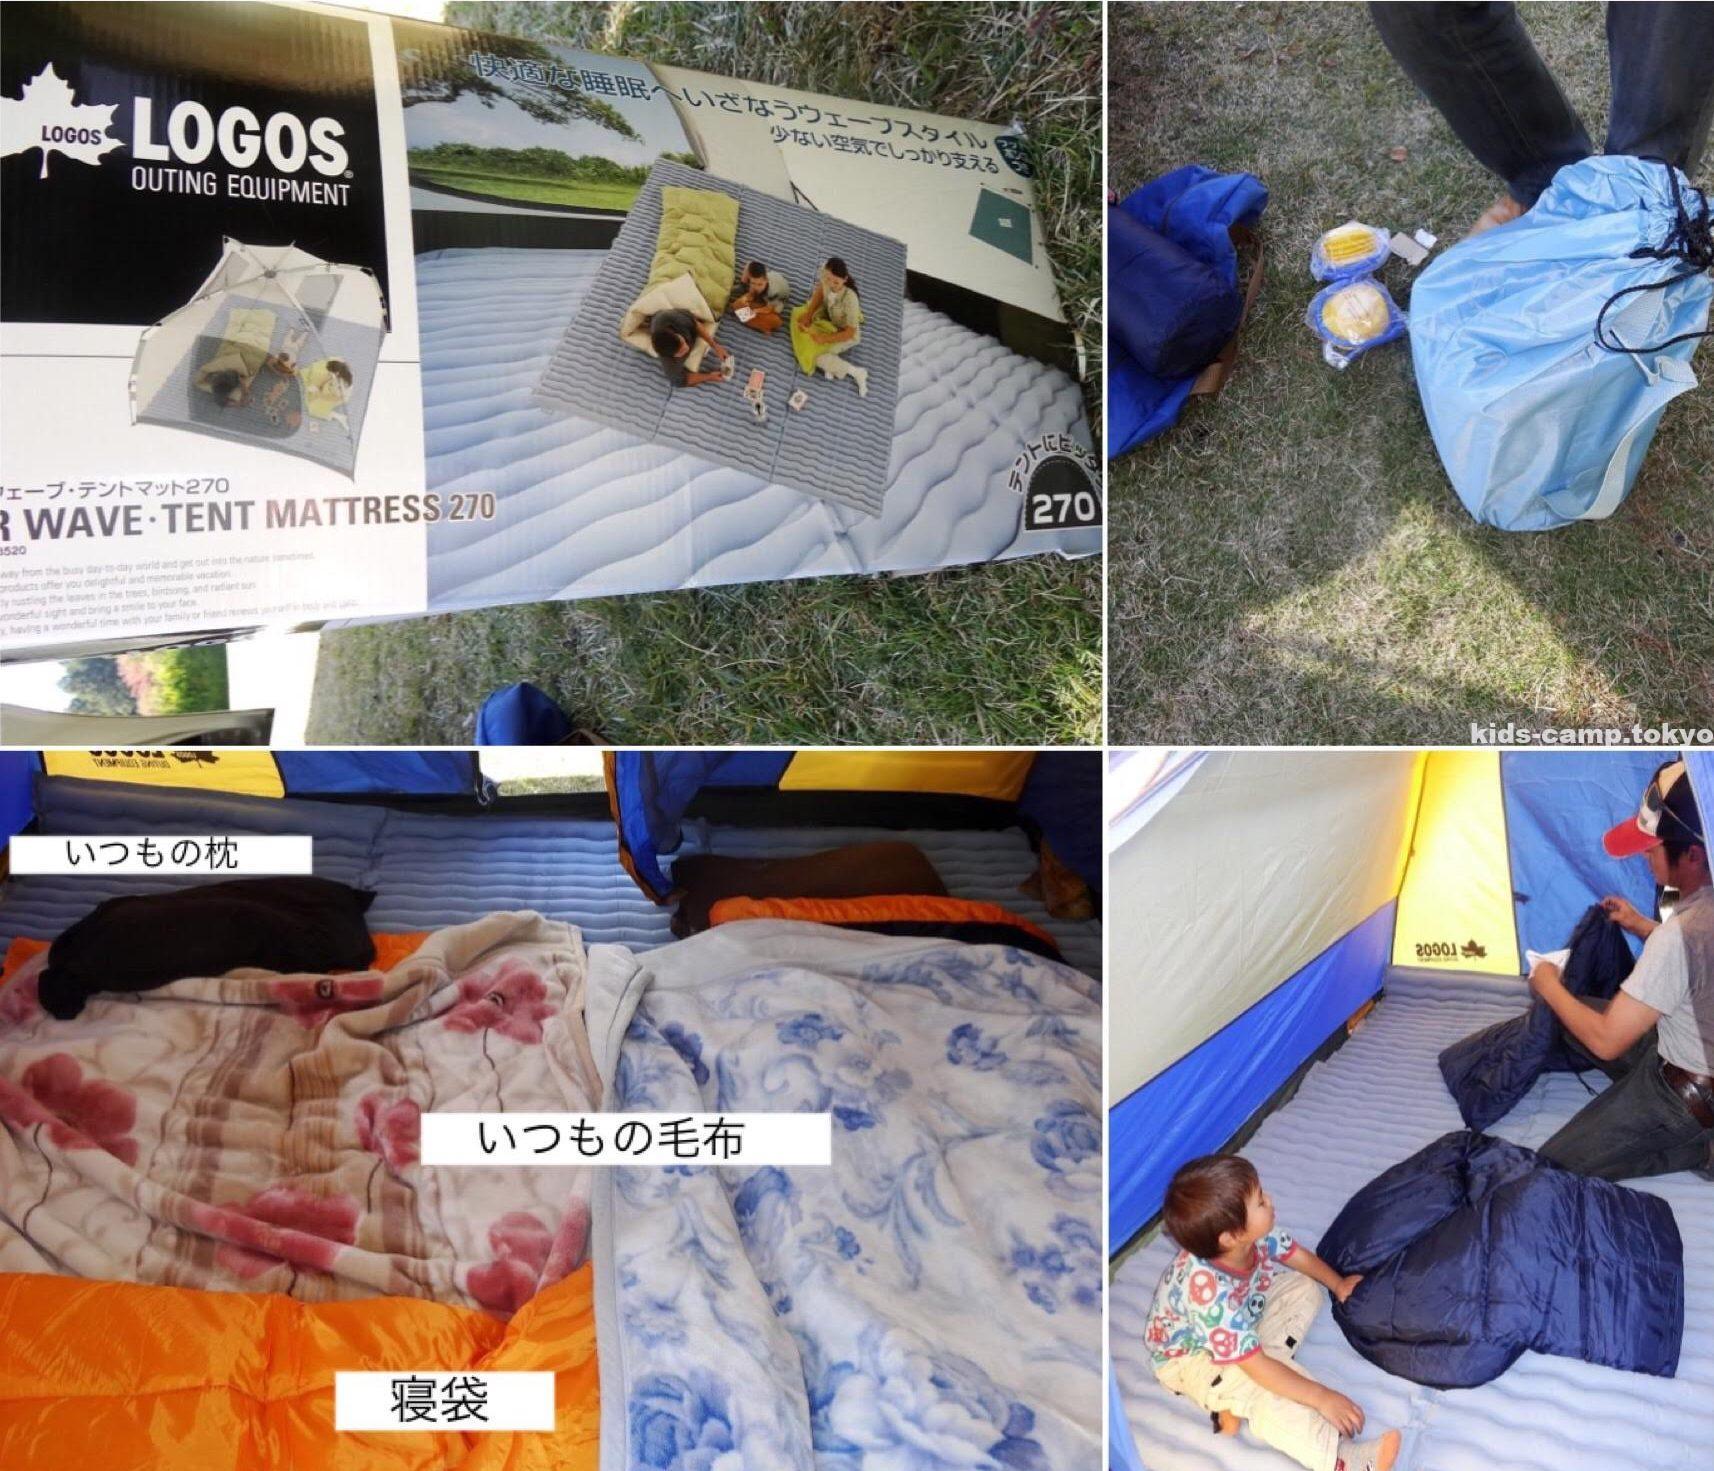 LOGOS エアーウェーブ インナーマット テントの中